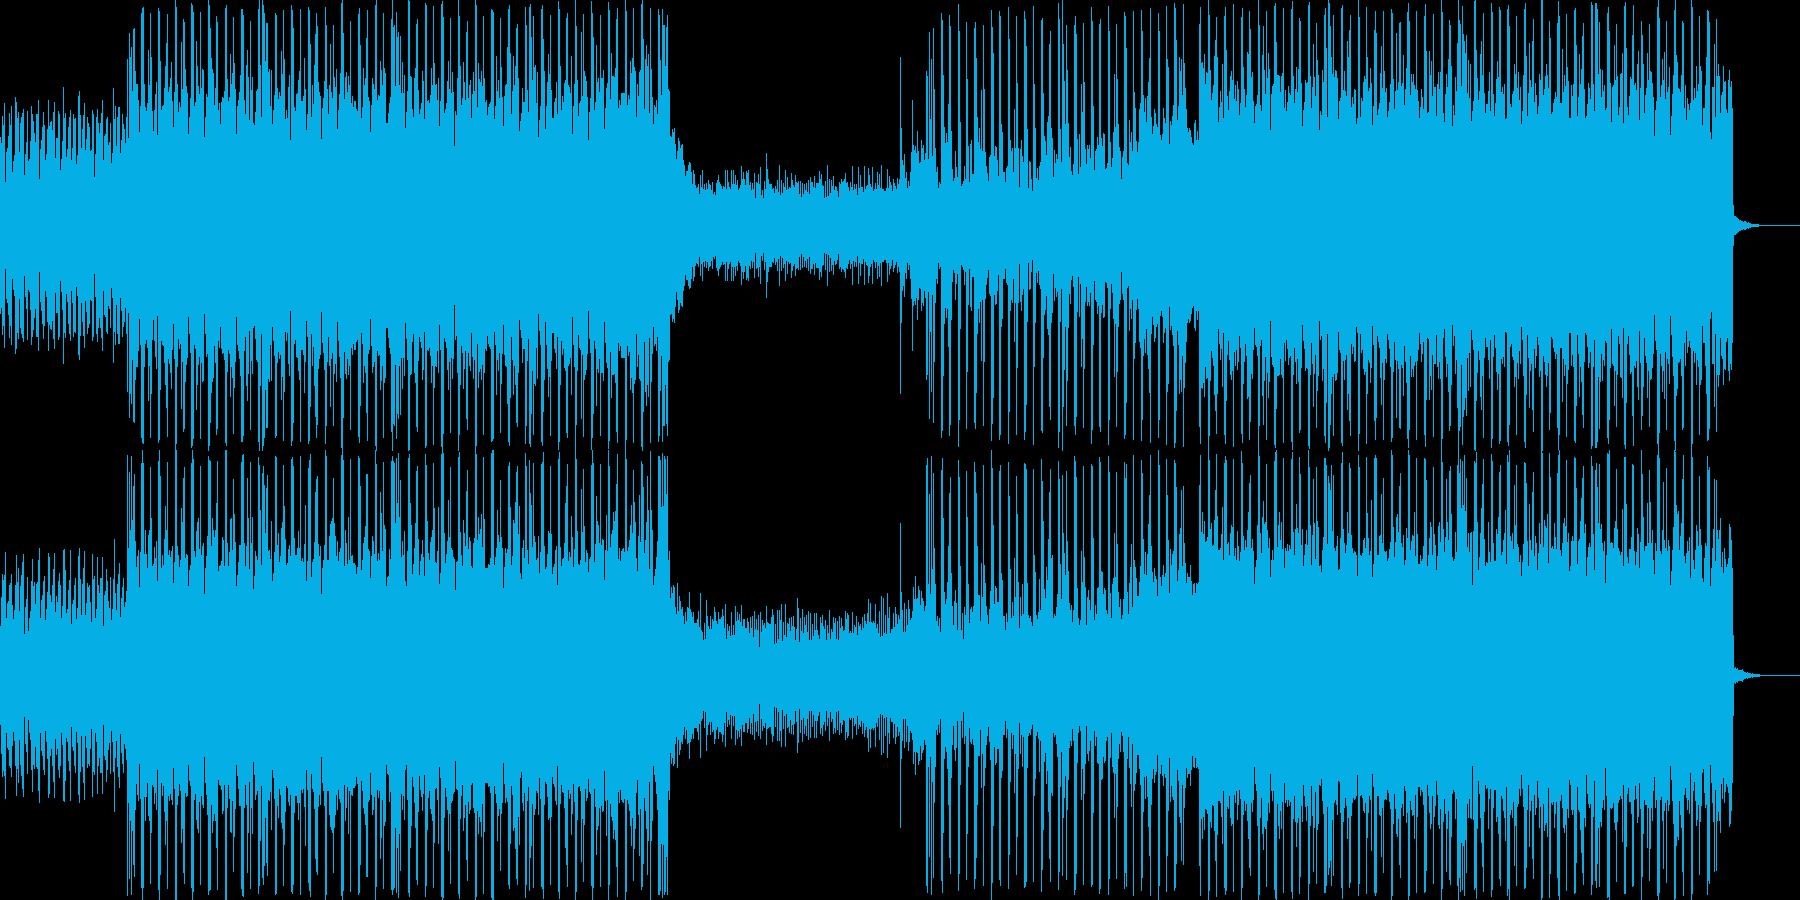 #ハード #エレクトロ #ヒップホップの再生済みの波形